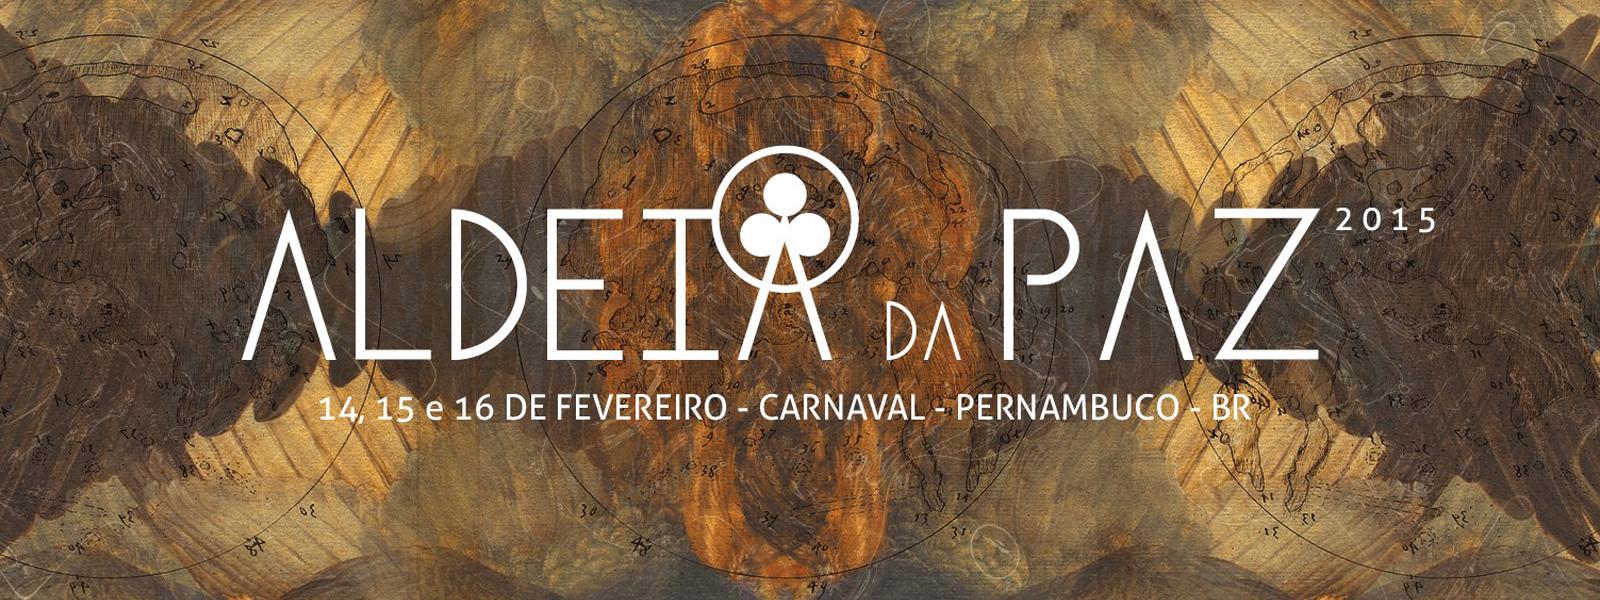 Experiência Aldeia da Paz no Carnaval